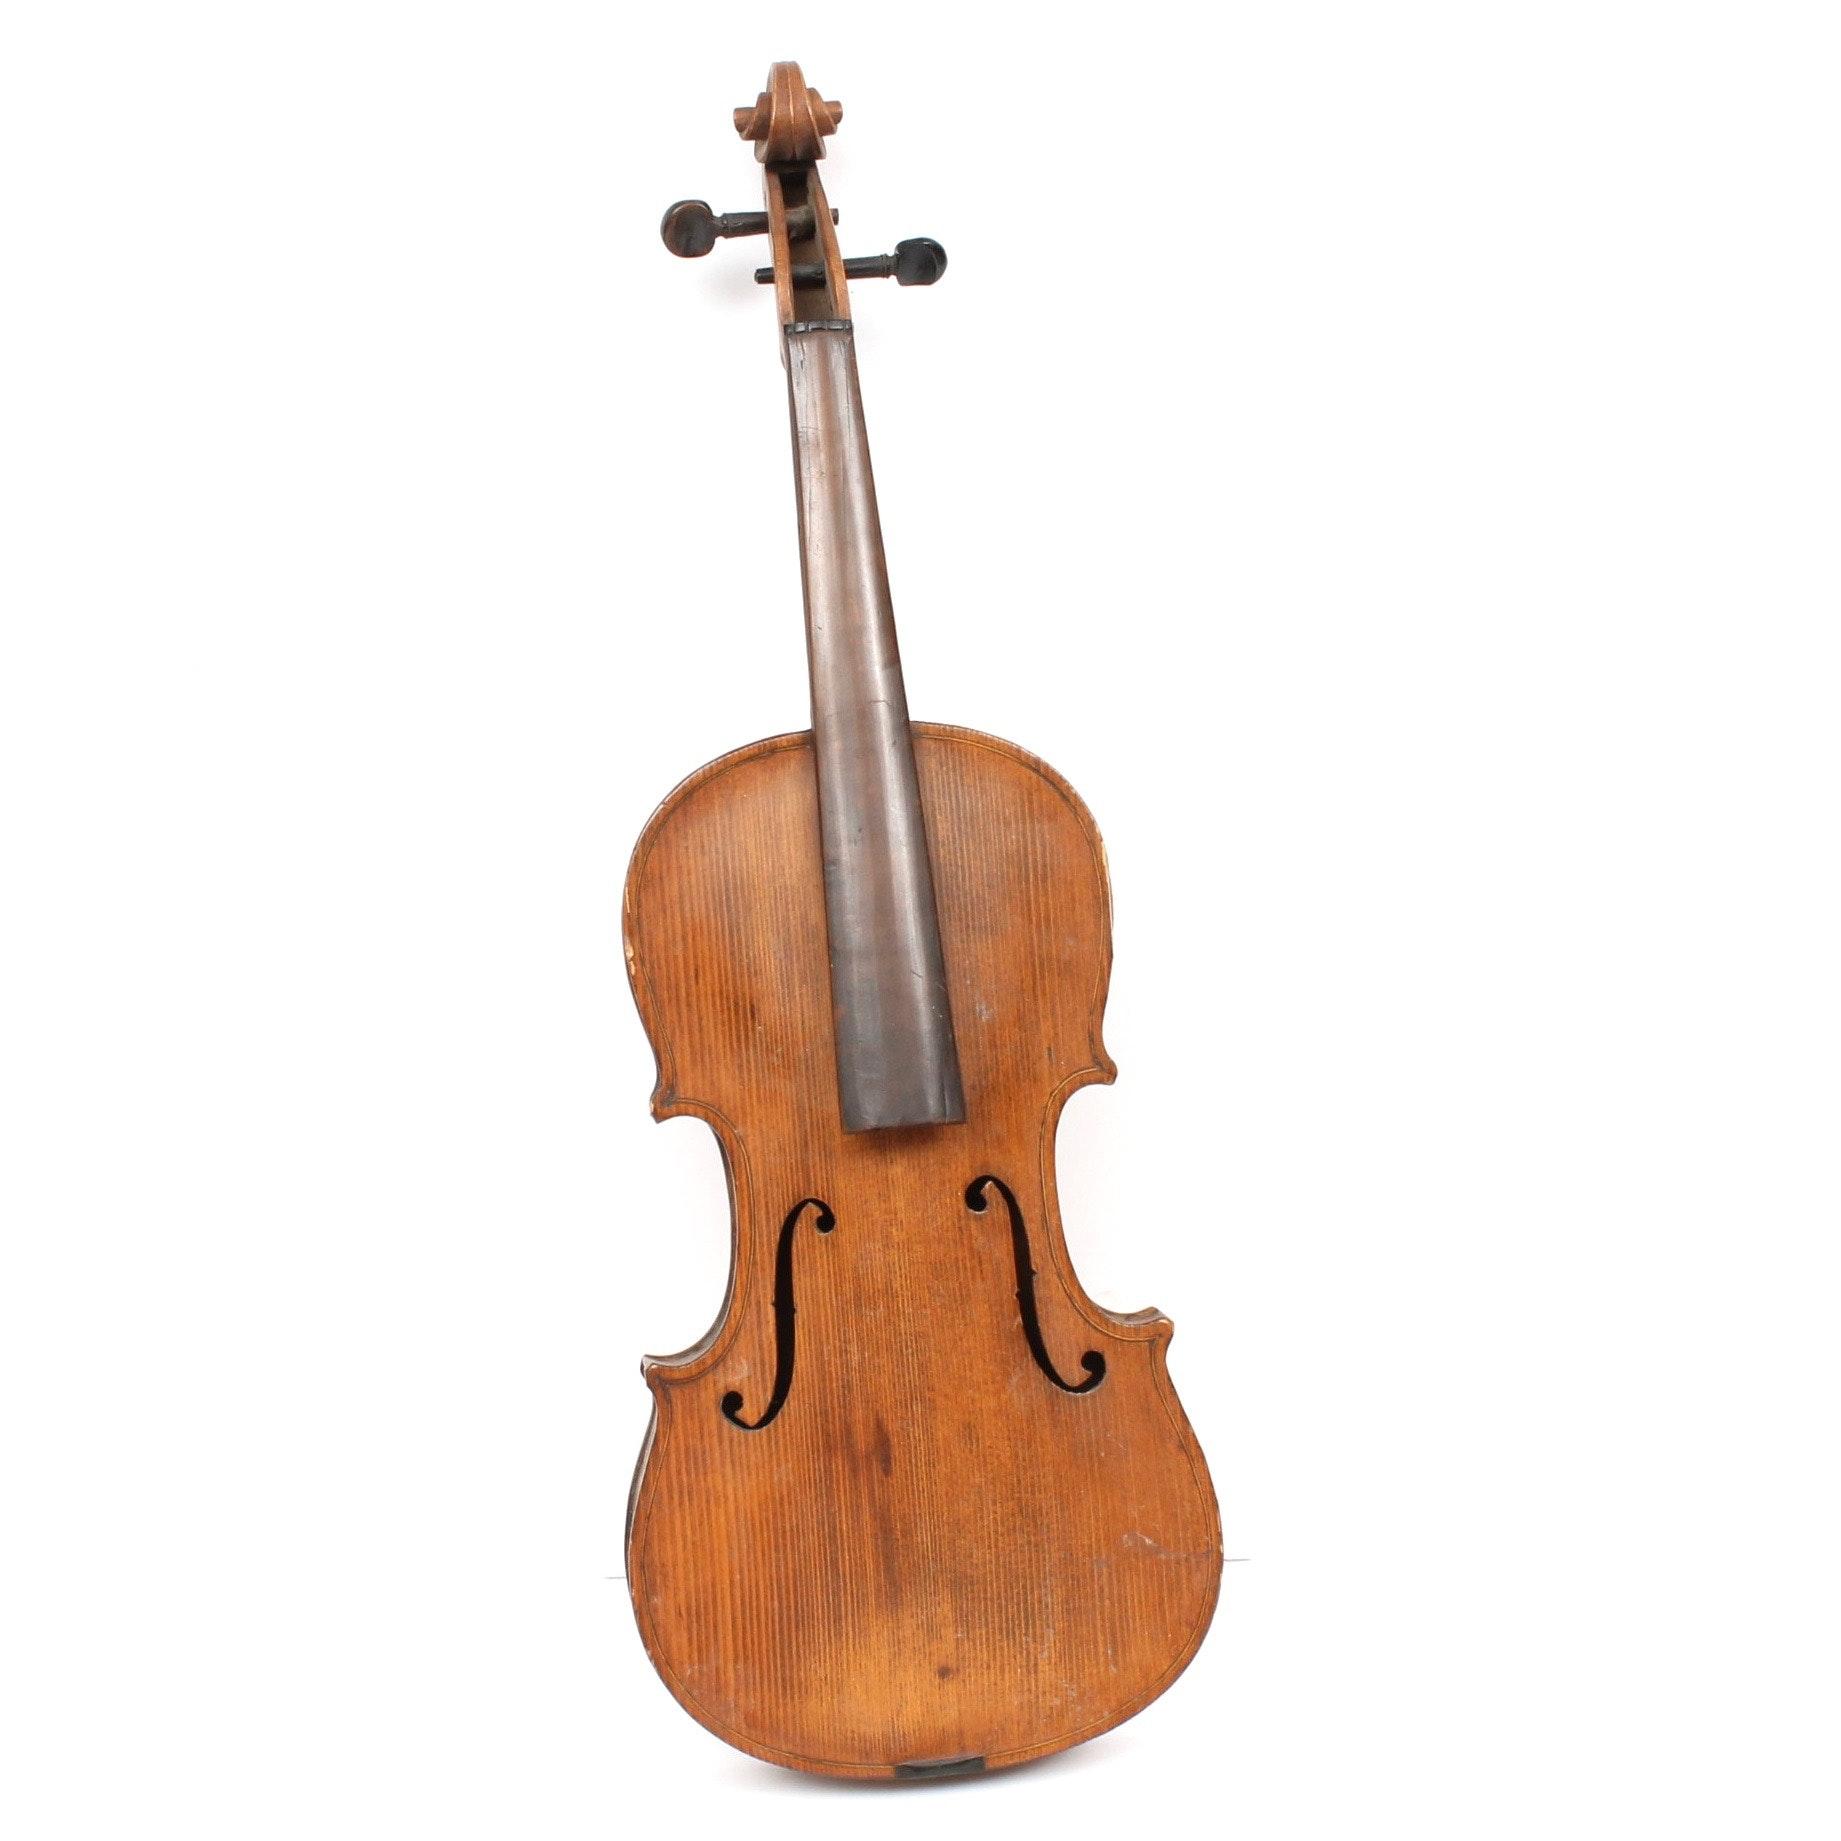 Antique Stradivarius Style 4/4 Violin